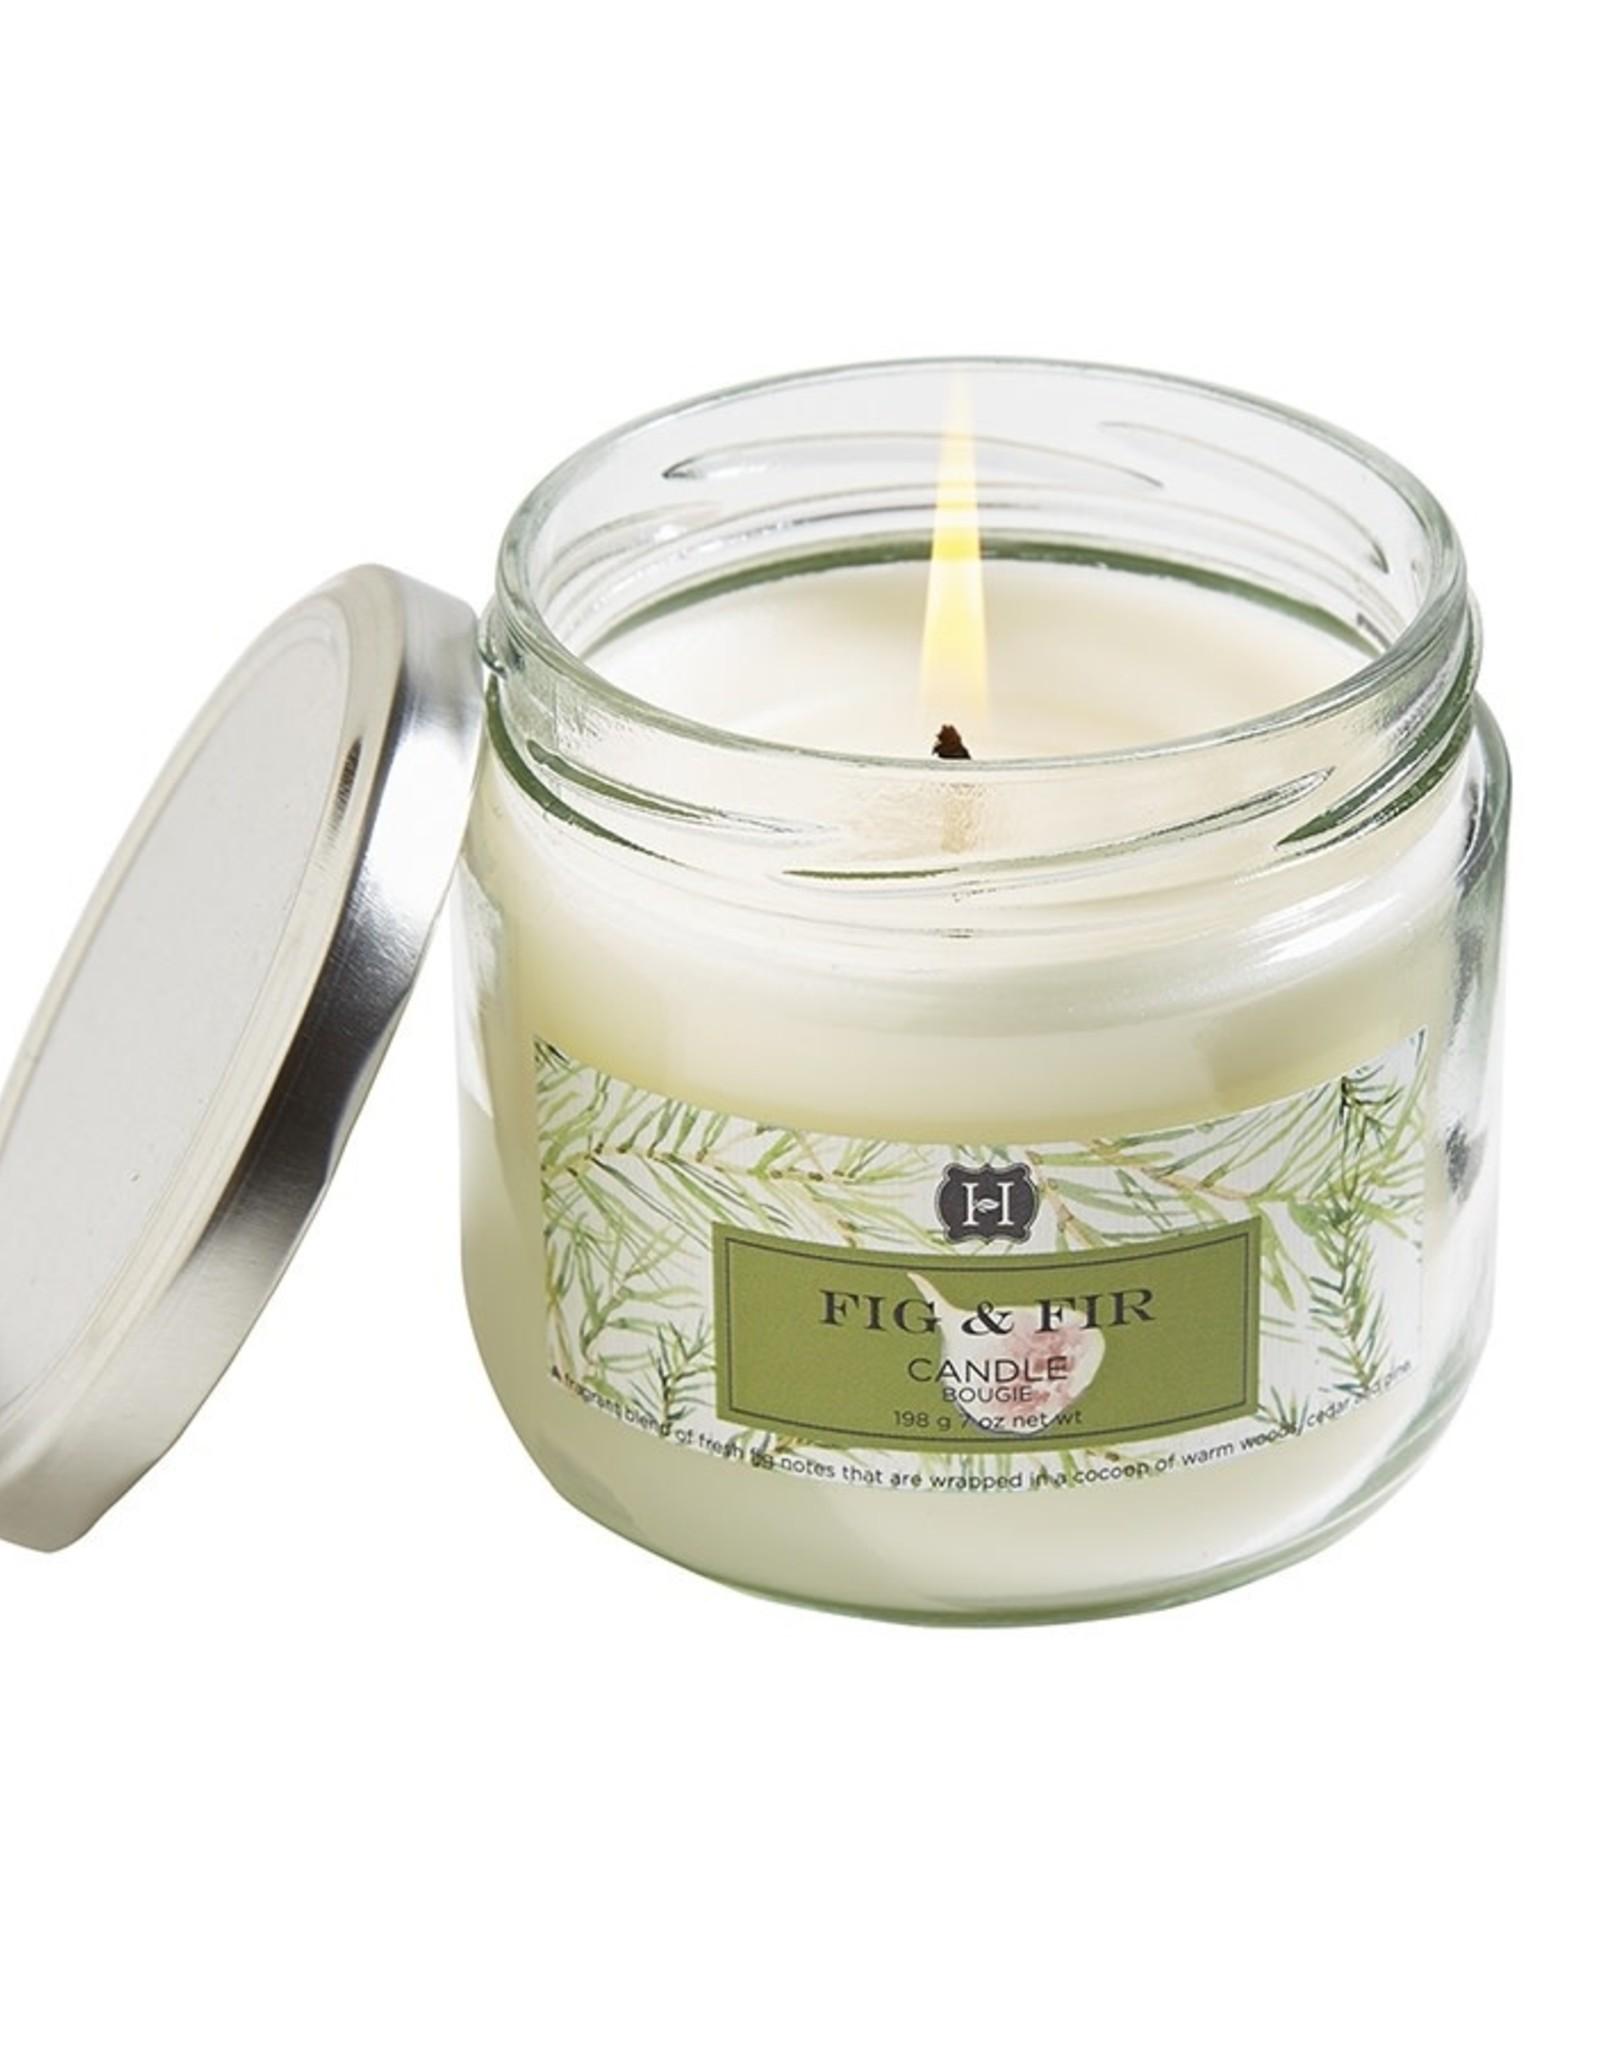 Hillhouse Naturals Fig &  Fir Jar Candle 7oz